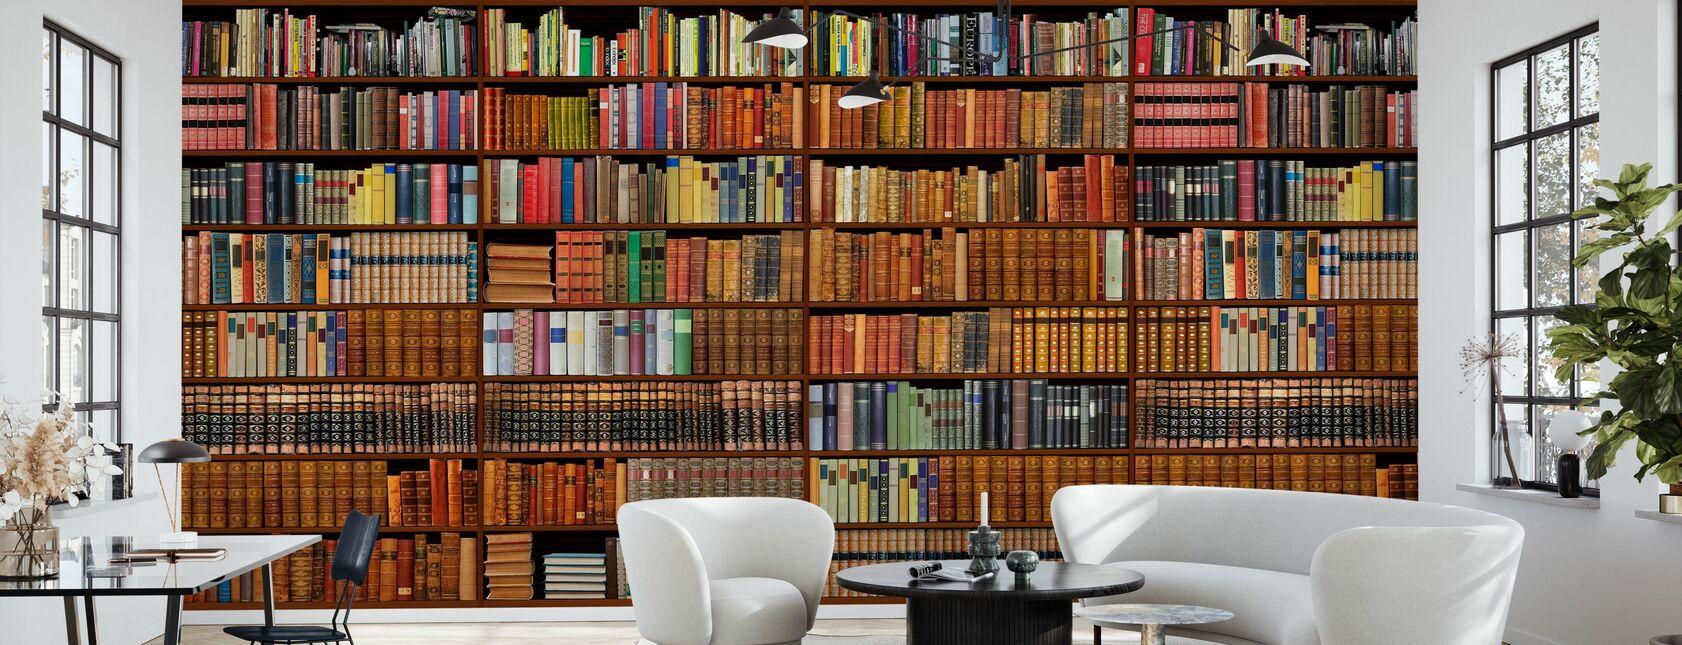 Bookshelf - Wallpaper - Living Room